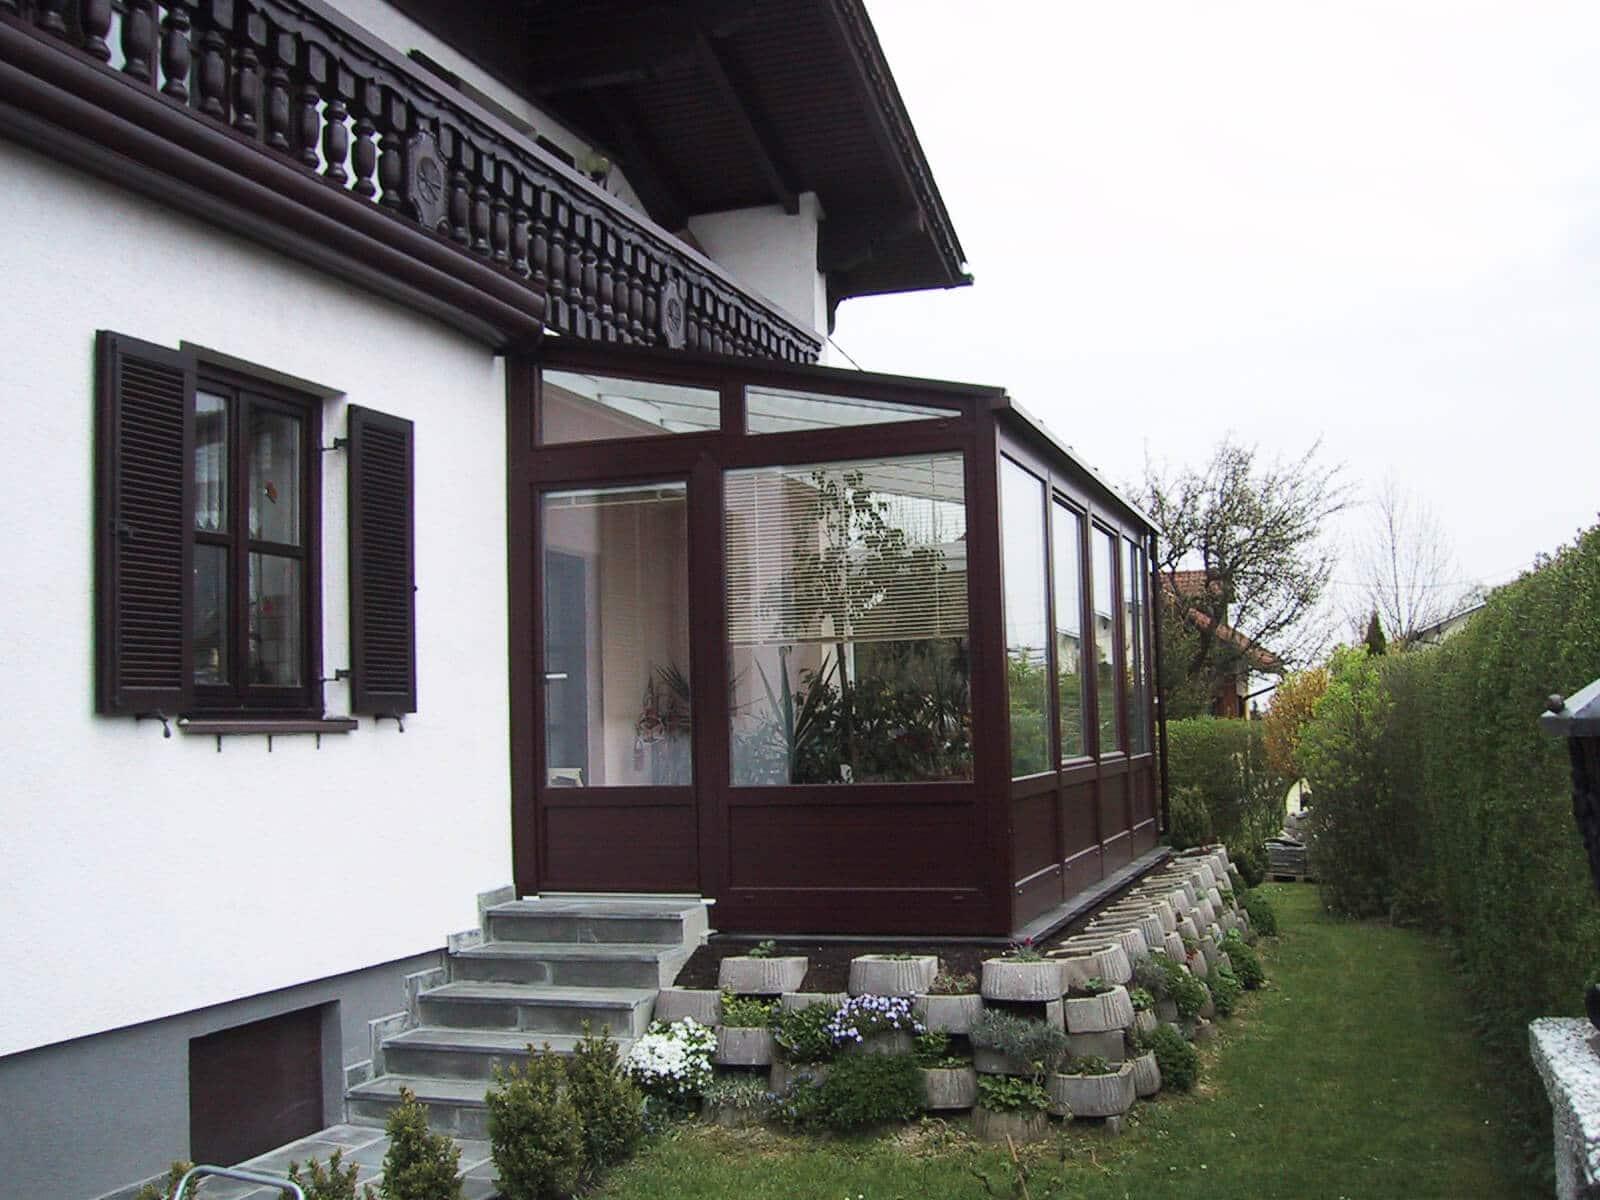 Wintergarten als Wohnraumerweiterung mit Jalousien